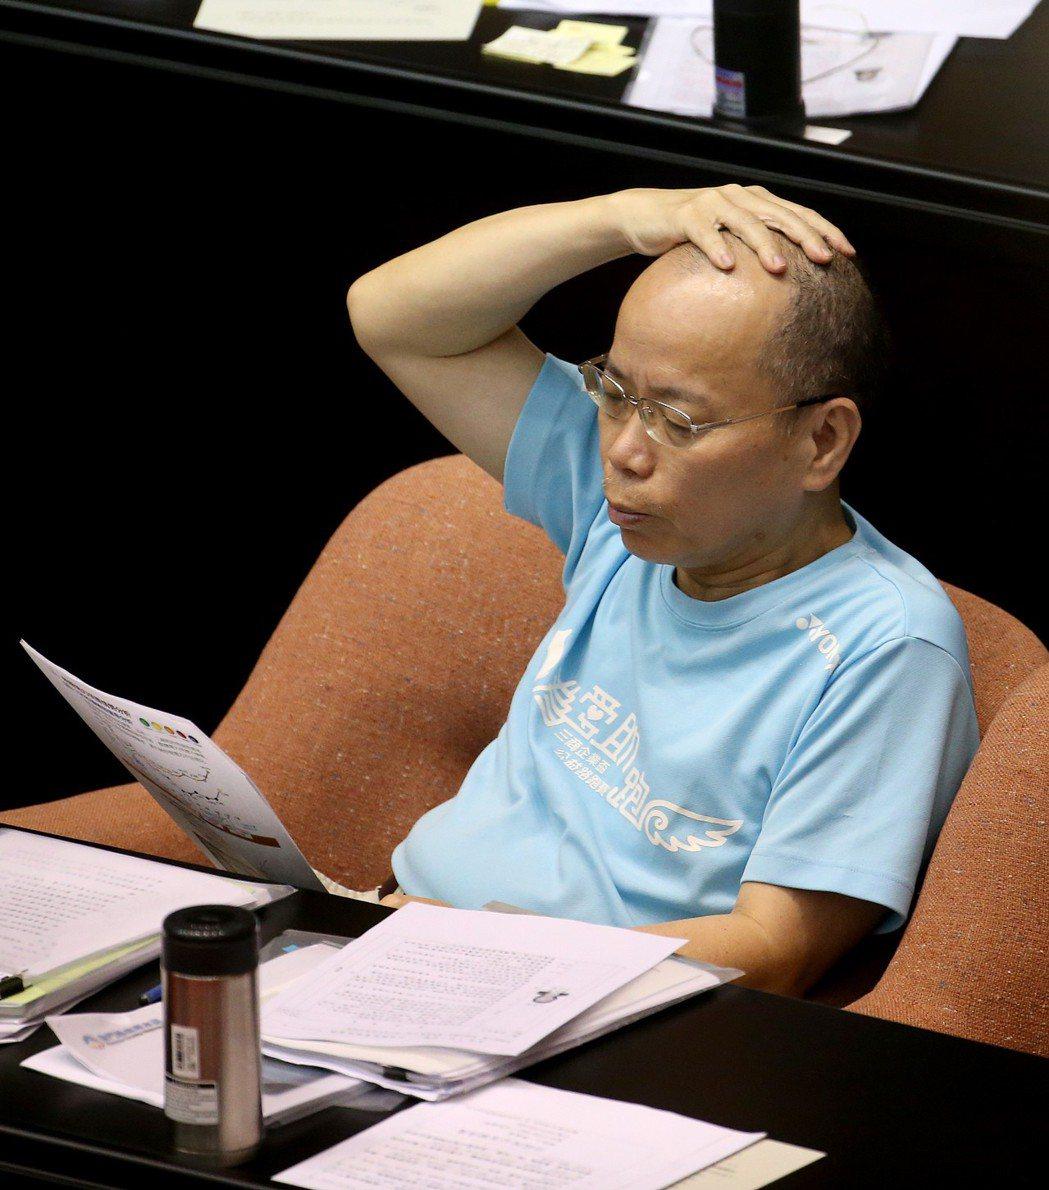 2017年6月,連日高溫悶熱,行政院閣員率性穿T恤列席立法院院會,先前主張把夾腳...